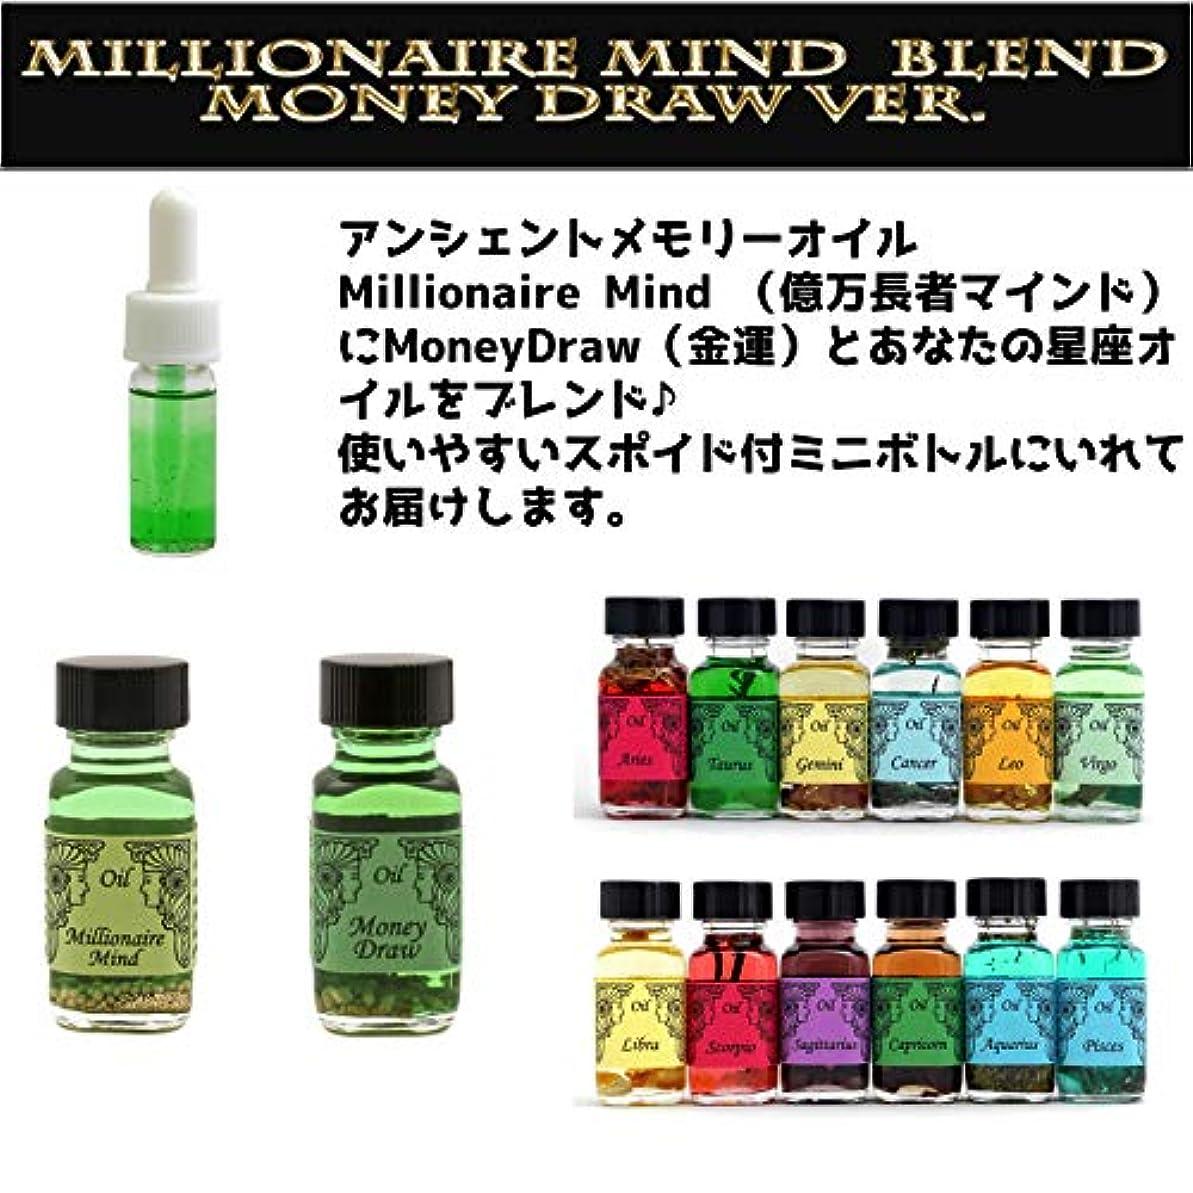 処理する第二禁輸アンシェントメモリーオイル Millionaire Mind 億万長者マインド ブレンド(Money Drawマネードロー(金運)&うお座